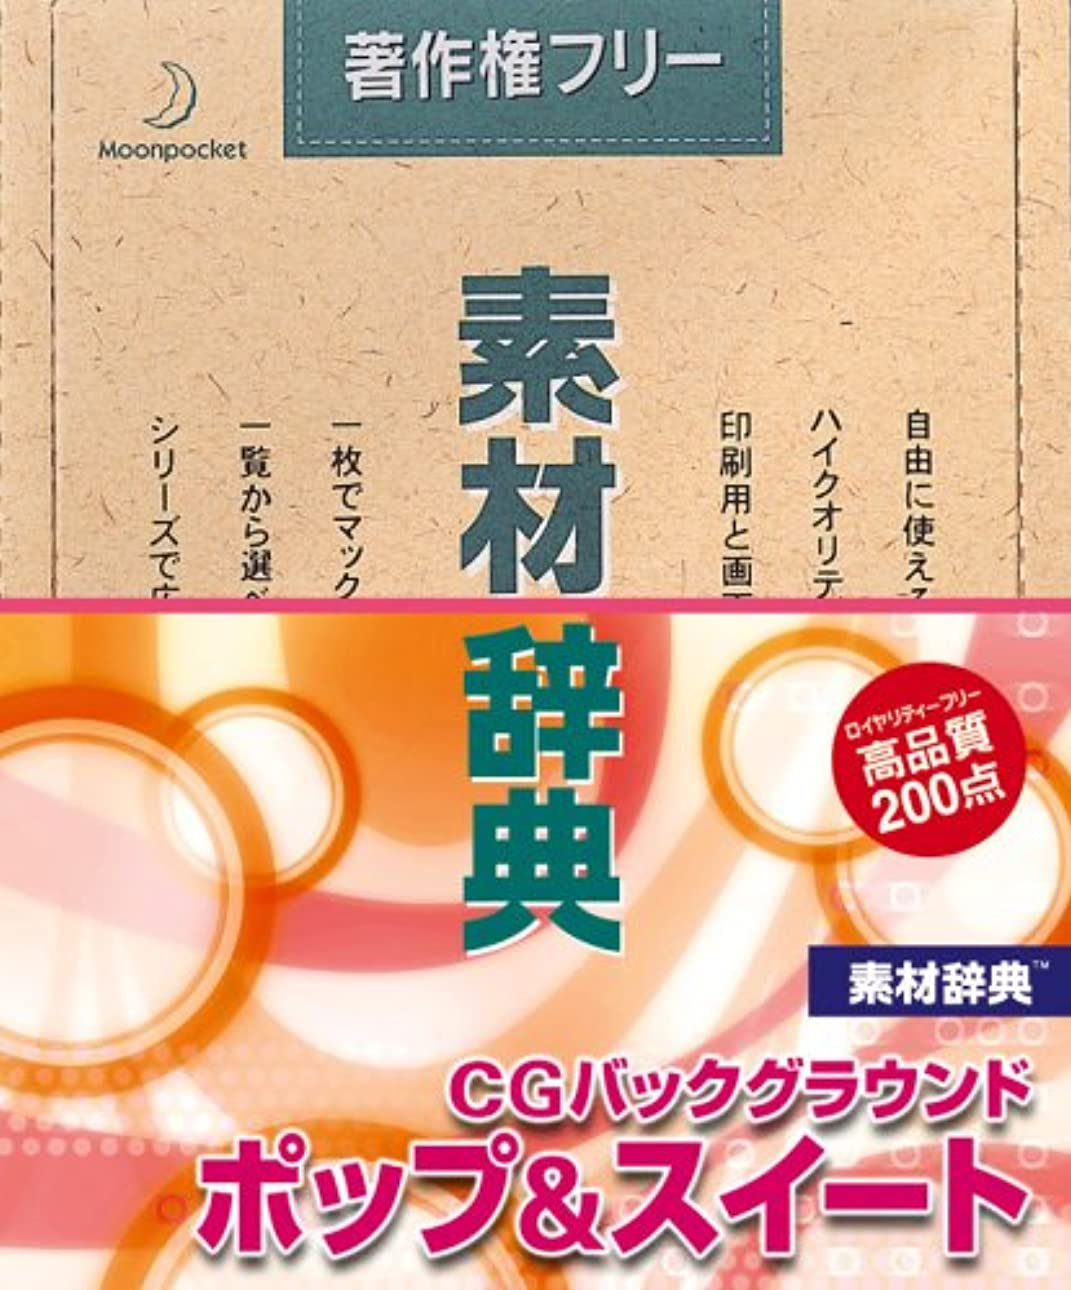 付き添い人早い乳剤素材辞典 Vol.147 CGバックグラウンド ポップ&スイート